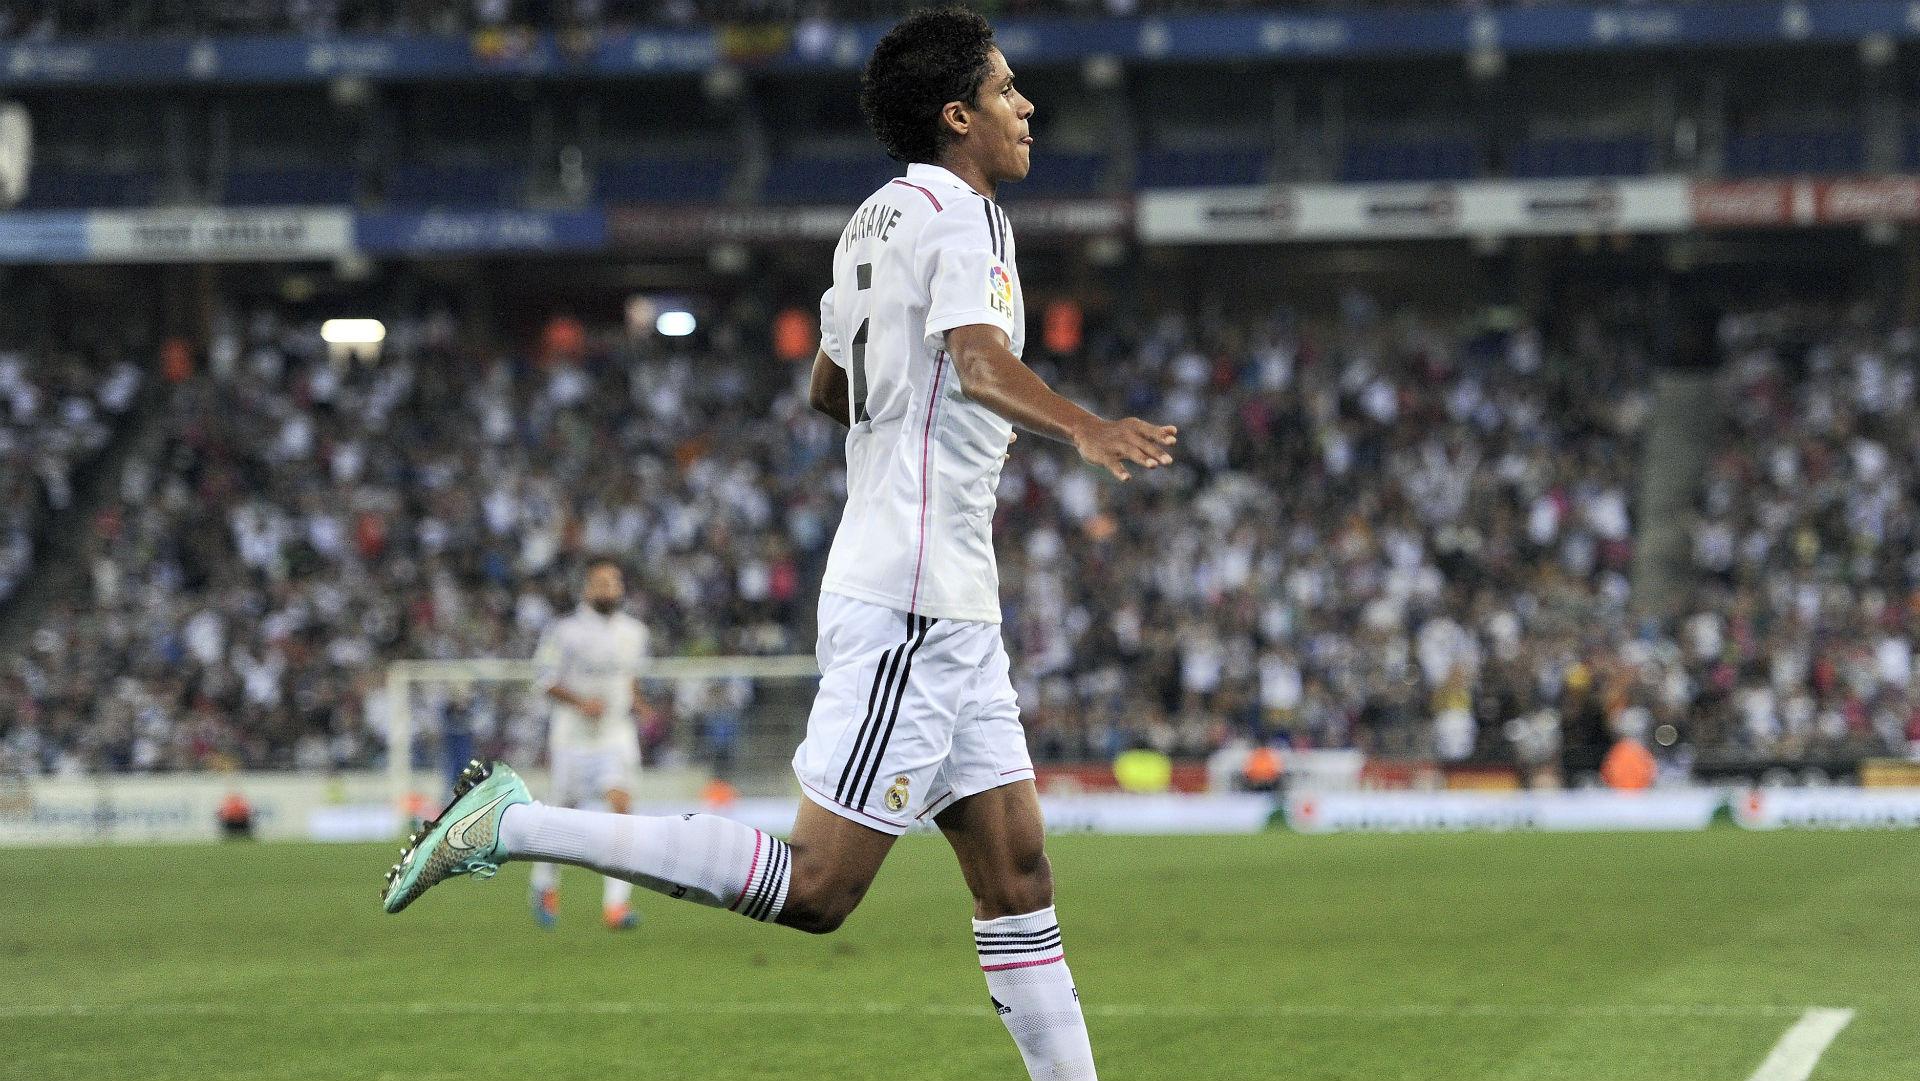 Raphaël Varane prolonge son bail chez les Merengue (Officiel) — Real Madrid